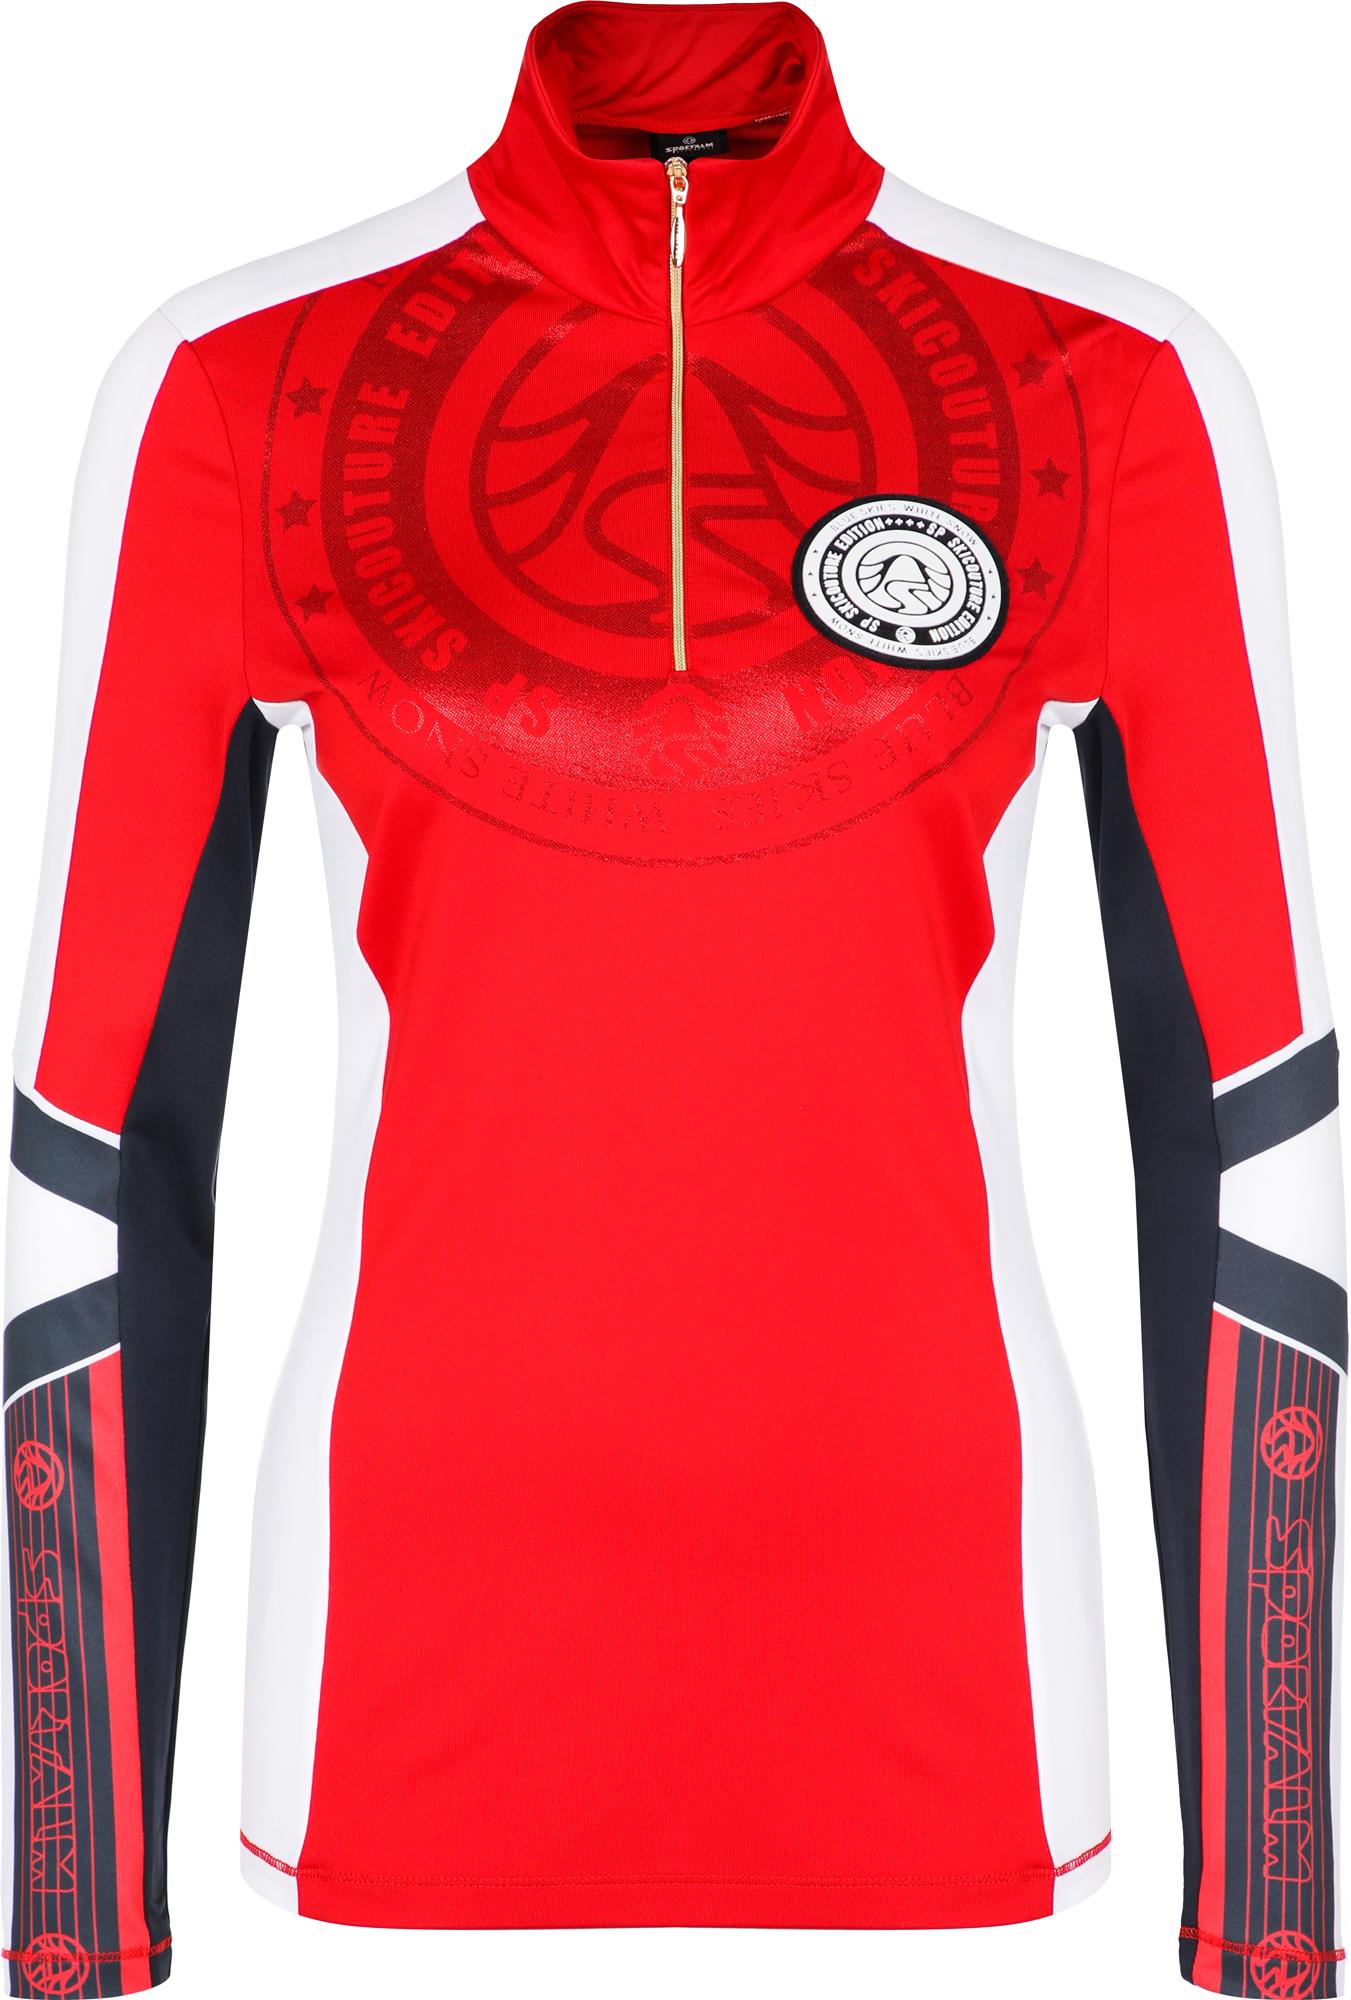 Фото - Sportalm Джемпер женский Sportalm Red Deer, размер 48 msminshu red один размер